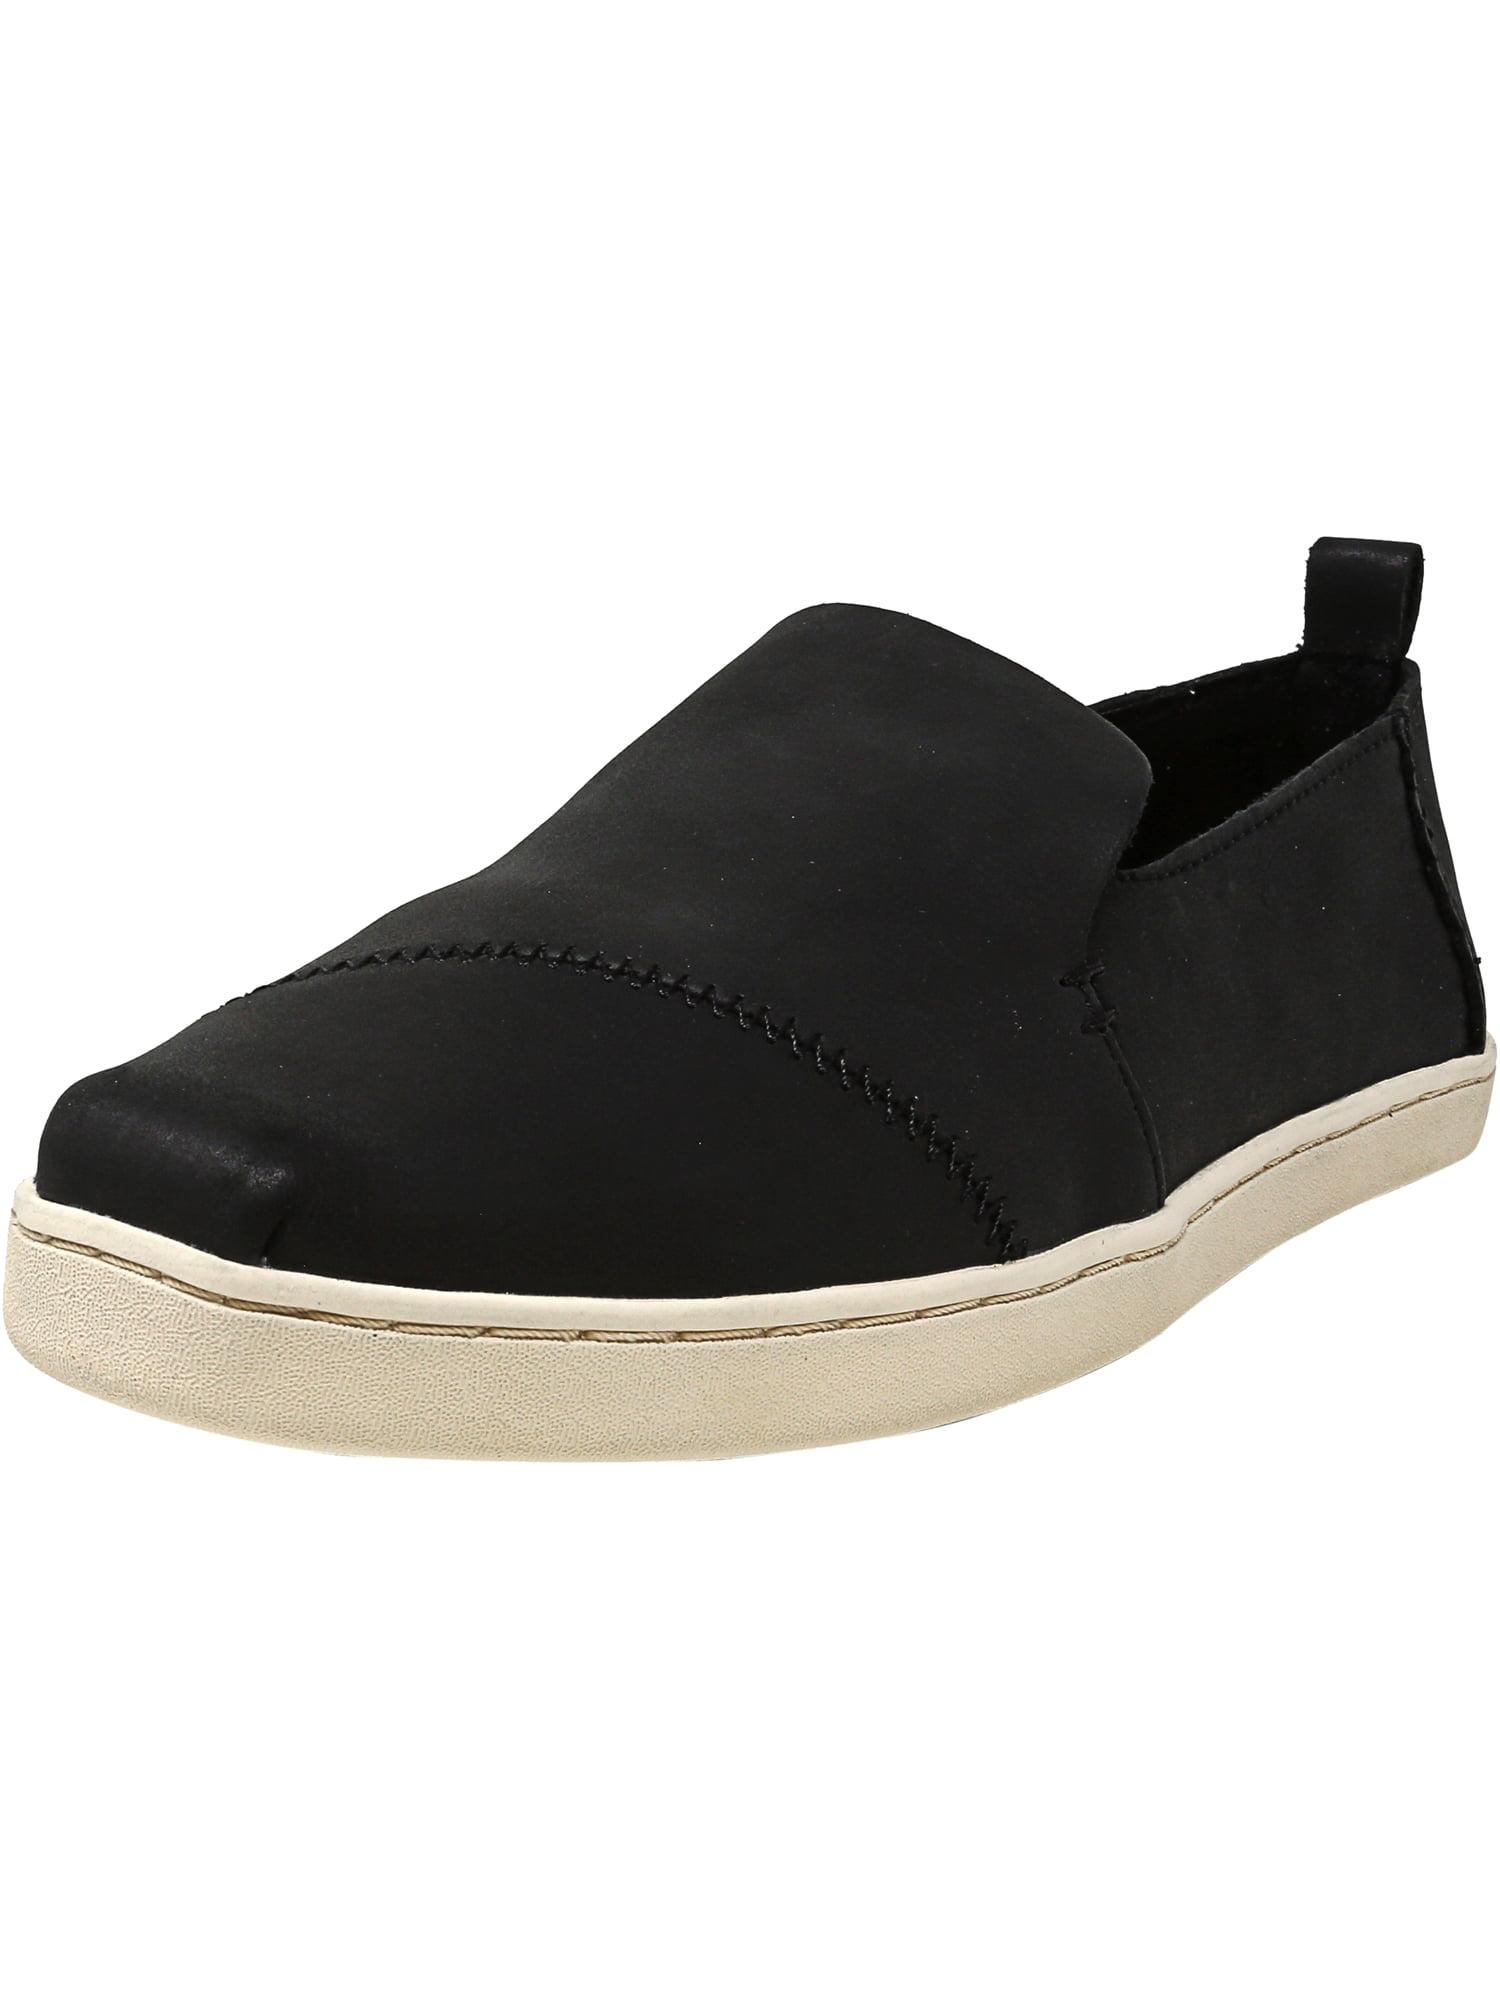 1de3b0d4625 Toms Women s Deconstructed Alpargata Leather Black Ankle-High Slip-On Shoes  - 9.5M